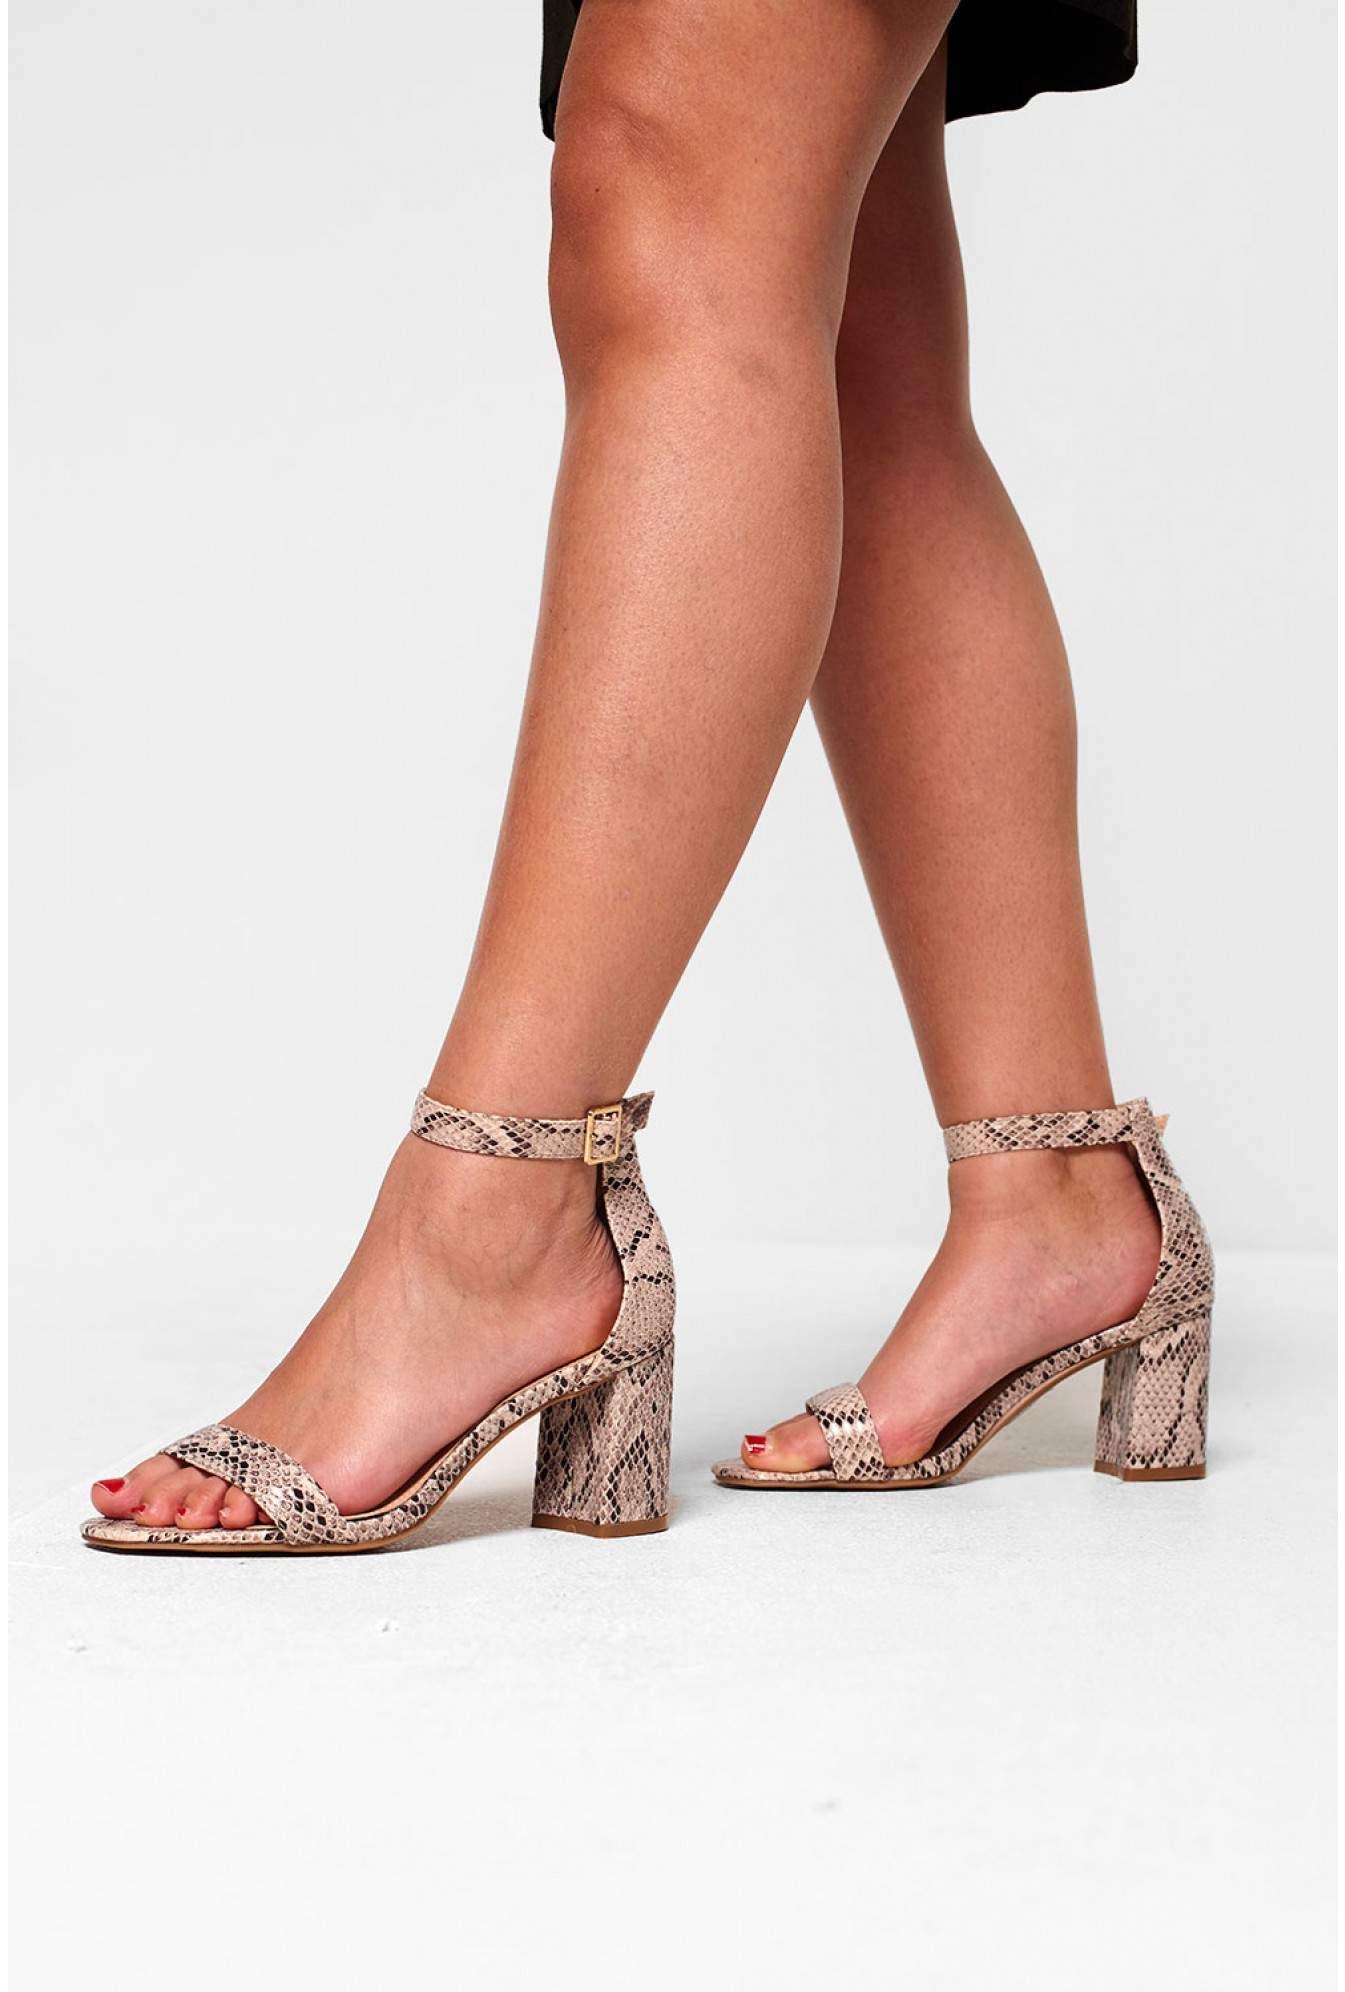 876ab192047ff5 No Doubt Zoey Block Heel Sandals in Snakeskin